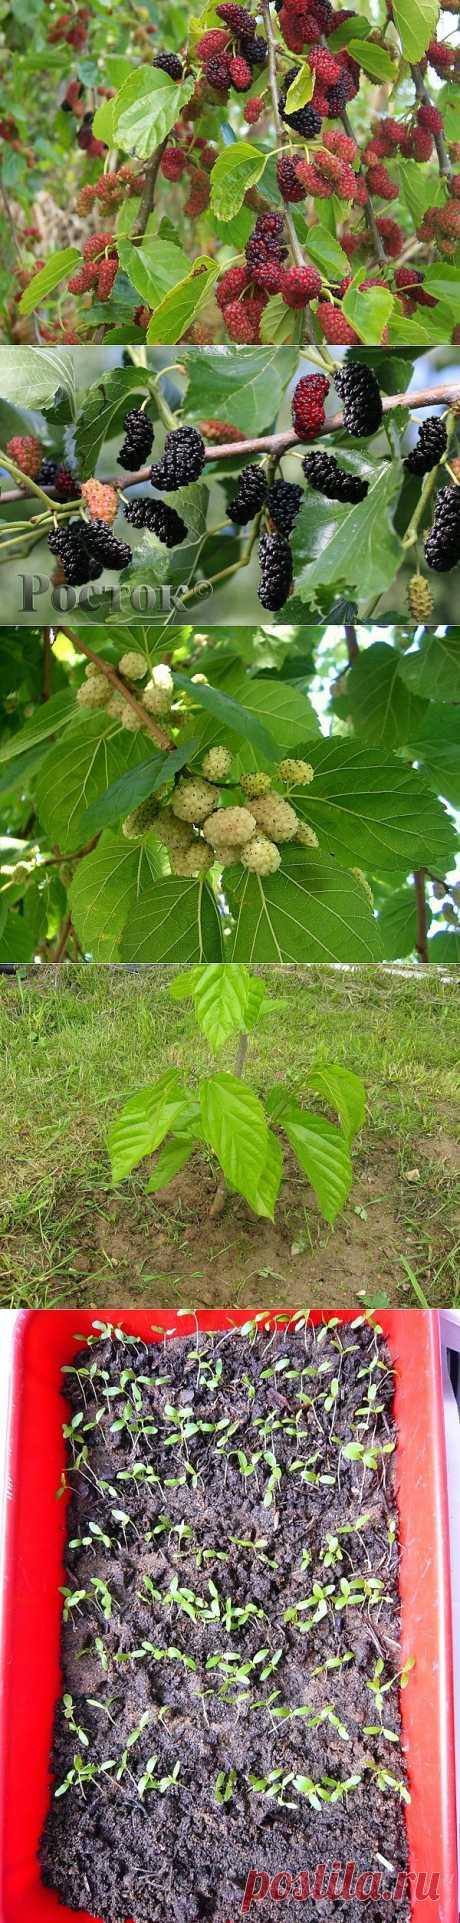 Шелковица (тутовое дерево) - посадка и уход. Шелковичное дерево может достигать 35 м в высоту, но в условиях сада нужно формировать крону так, чтобы дерево было не выше 2-3 м. Живет шелковица чрезвычайно долго, 200-300 лет. На 5 год после посадки можно ждать урожай, а с привитых деревьев — еще раньше. 10-летнее дерево дает до 100 кг плодов.